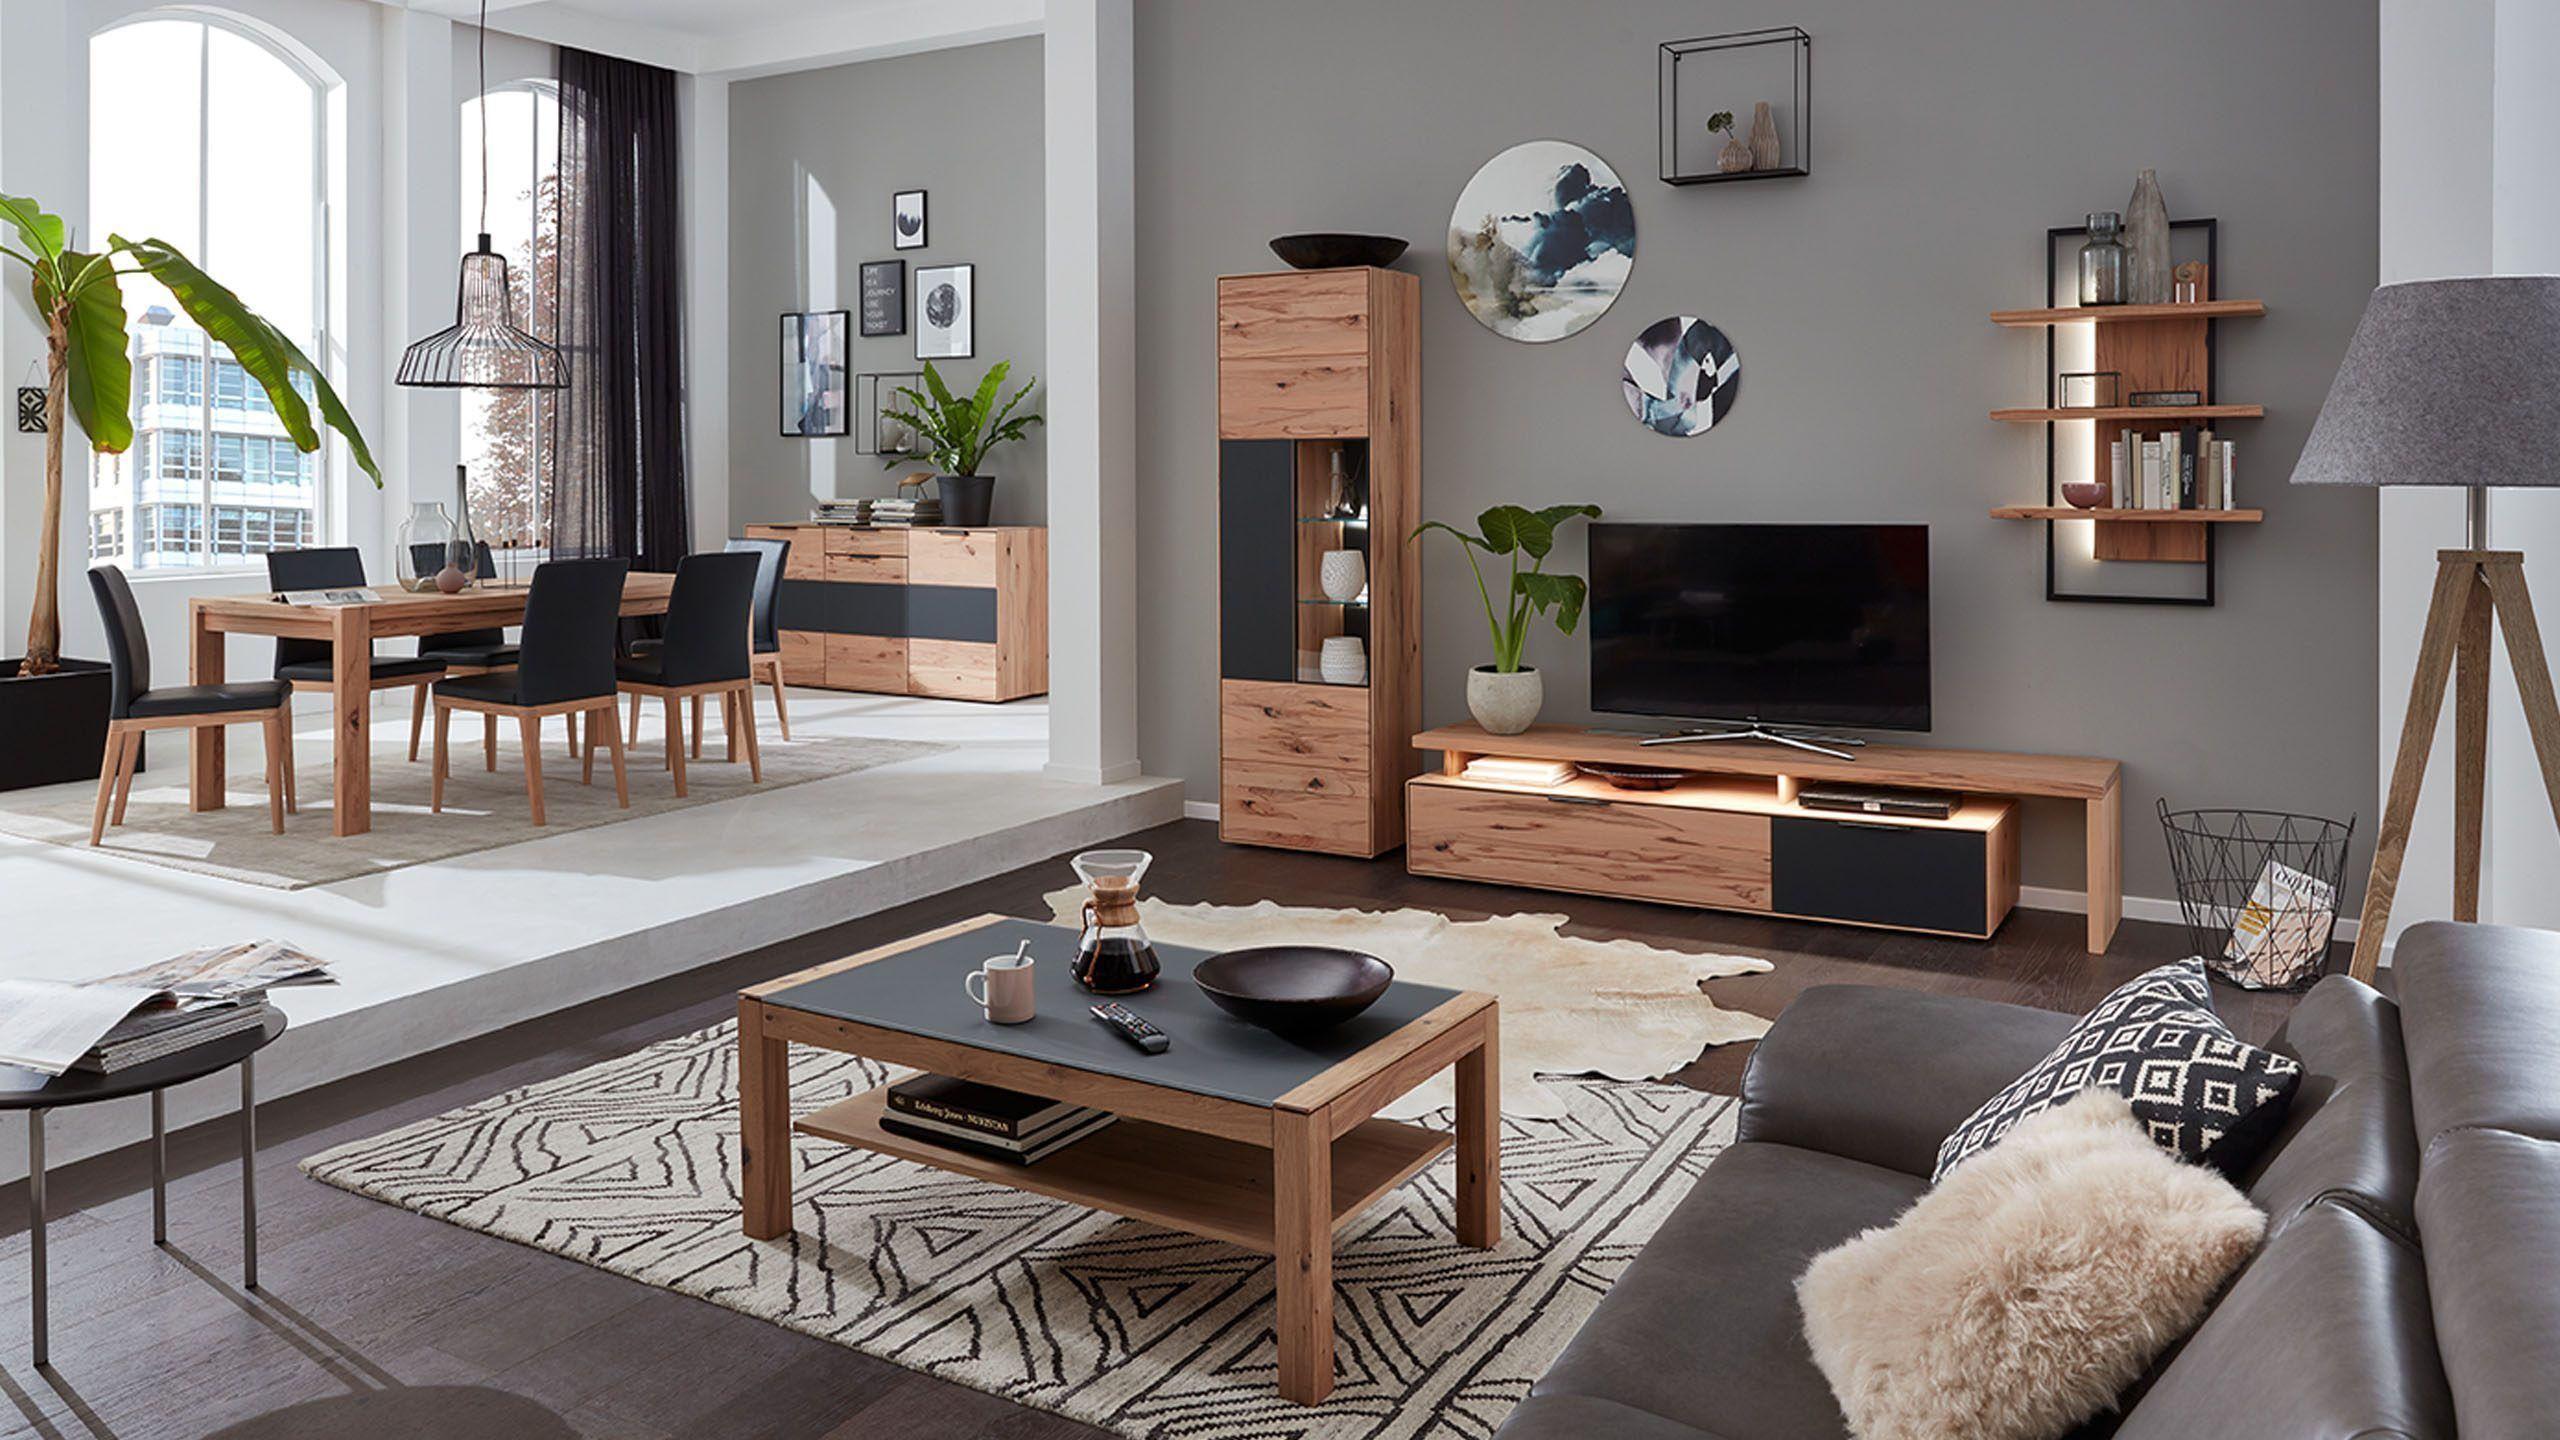 Du kombinierst gerne Wohn- und Esszimmer? Dann ist die Interliving